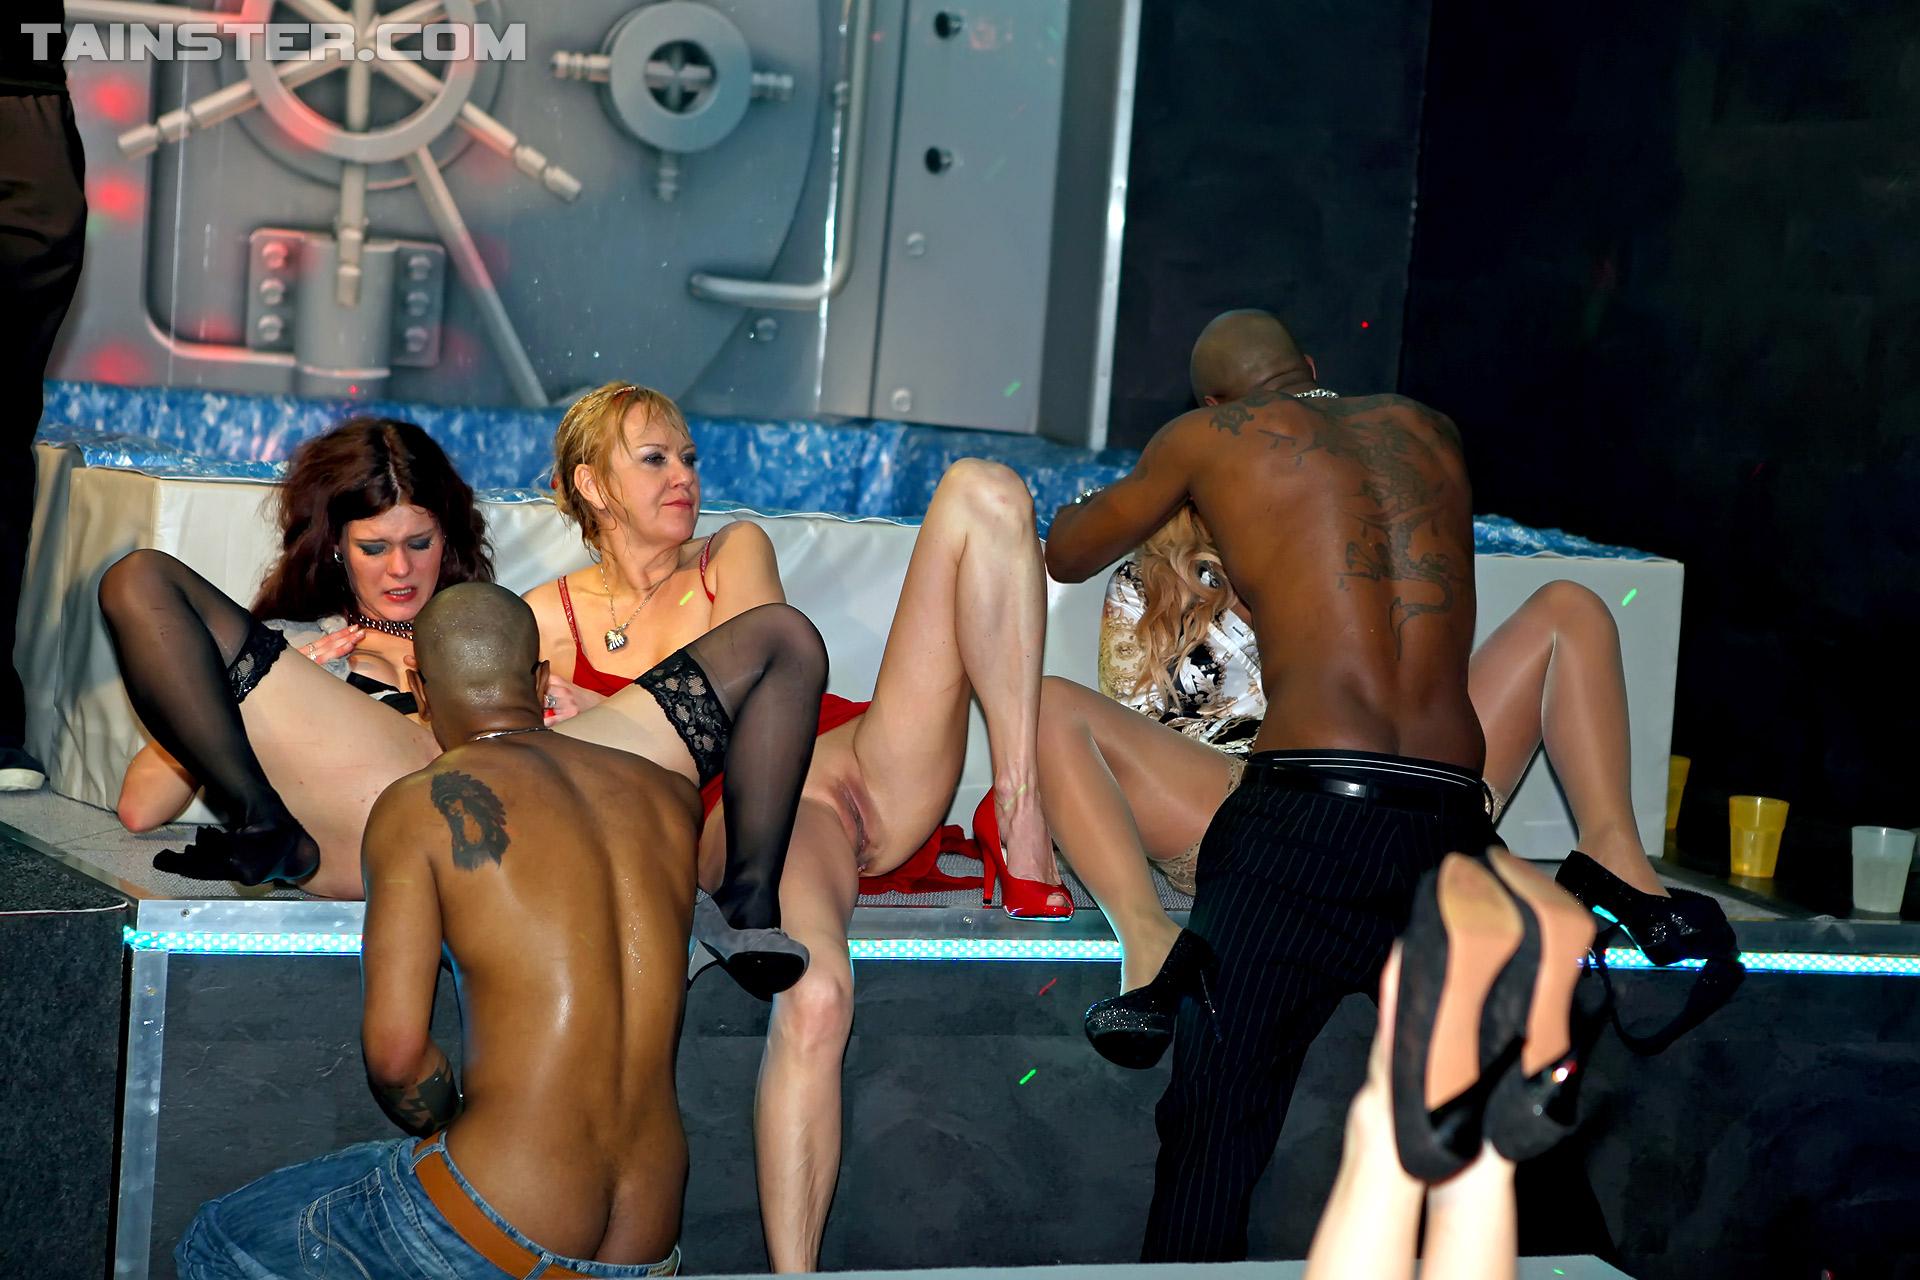 Уединились в клубе, На Вечеринке Уединились (найдено 81 порно видео.) 3 фотография